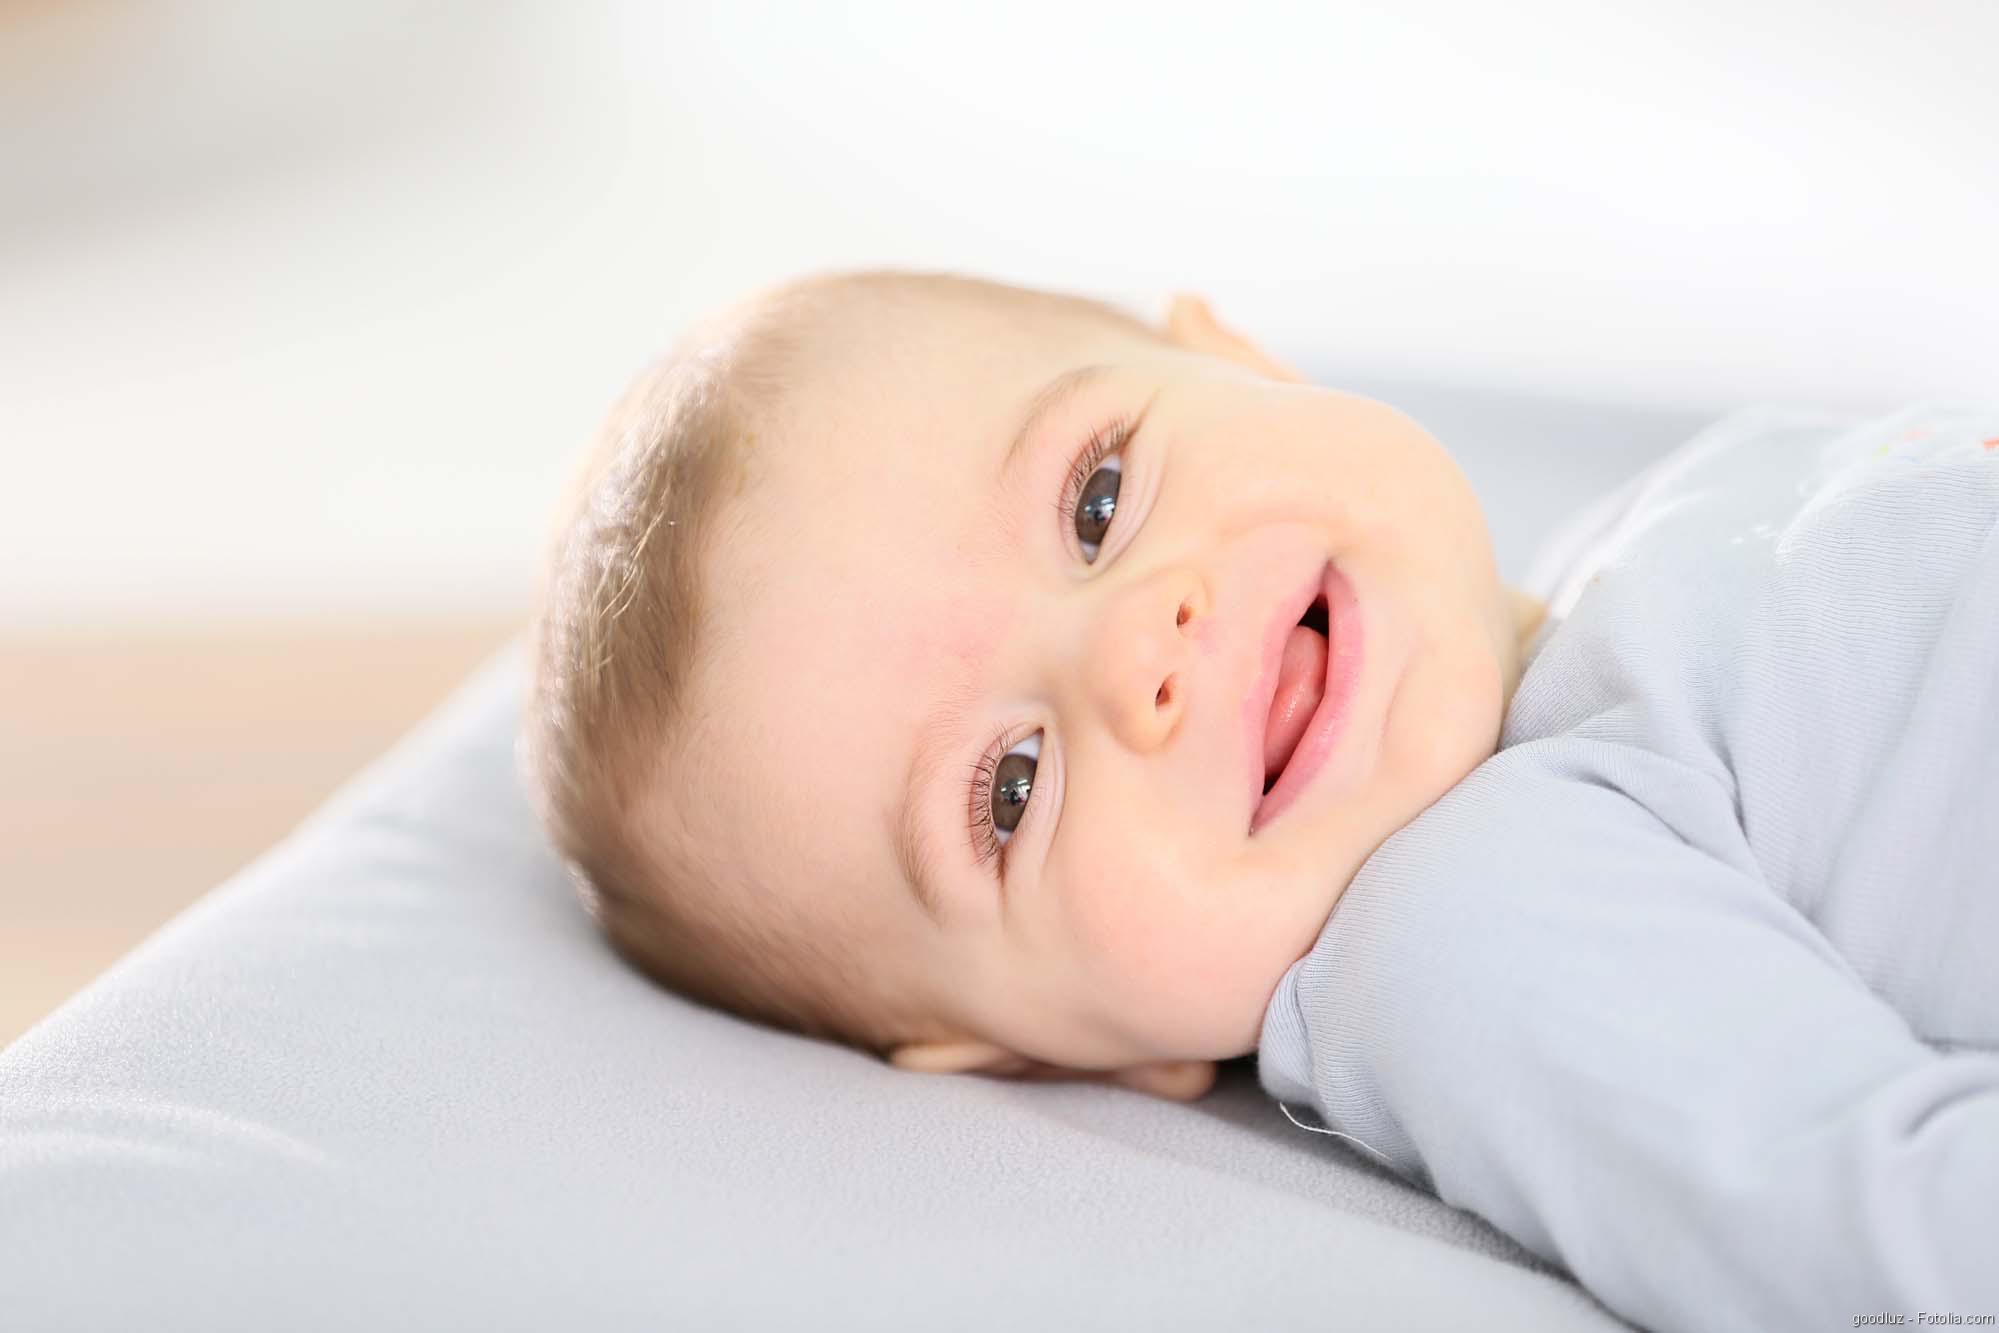 Adipositas bei Kindern, Baby Stillen, Kinder mit Muskelschwund